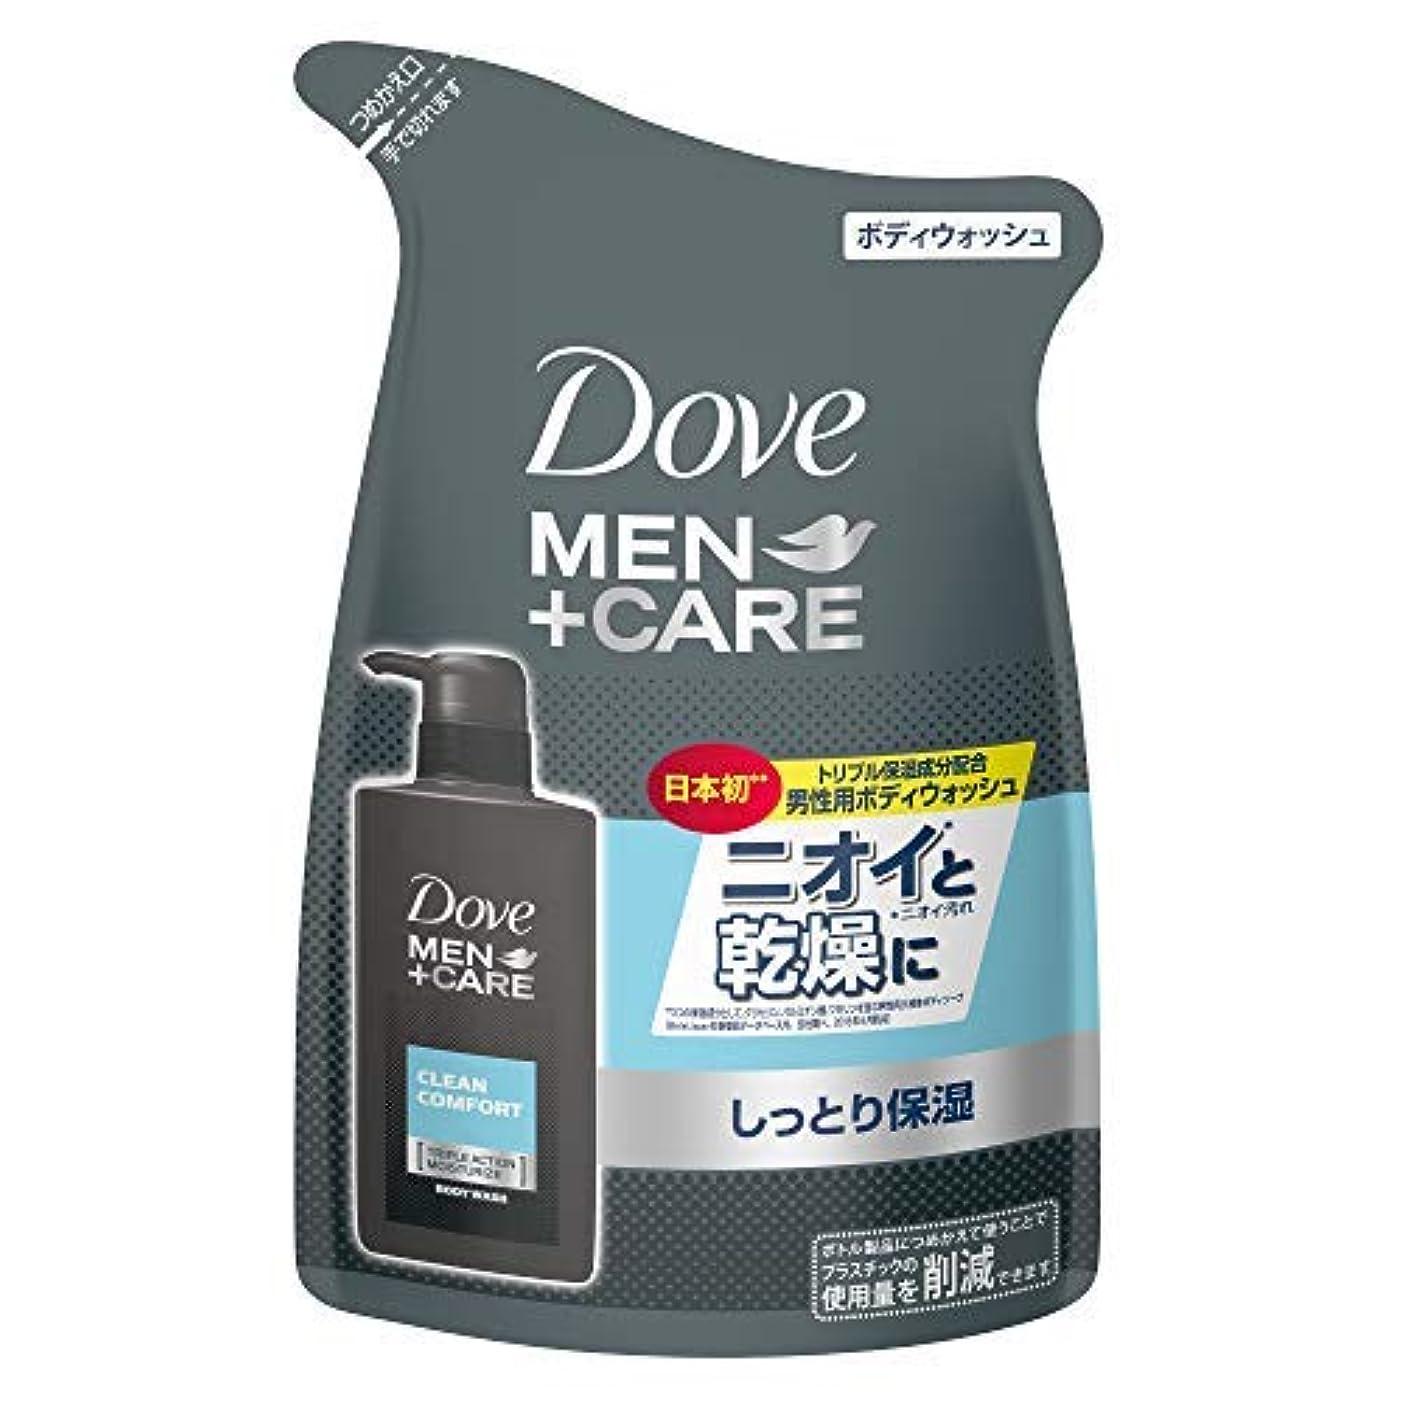 男らしい頼む推測するダヴメン+ケア(ダヴメンプラスケア) ボディウォッシュ クリーンコンフォート つめかえ用 × 8個セット